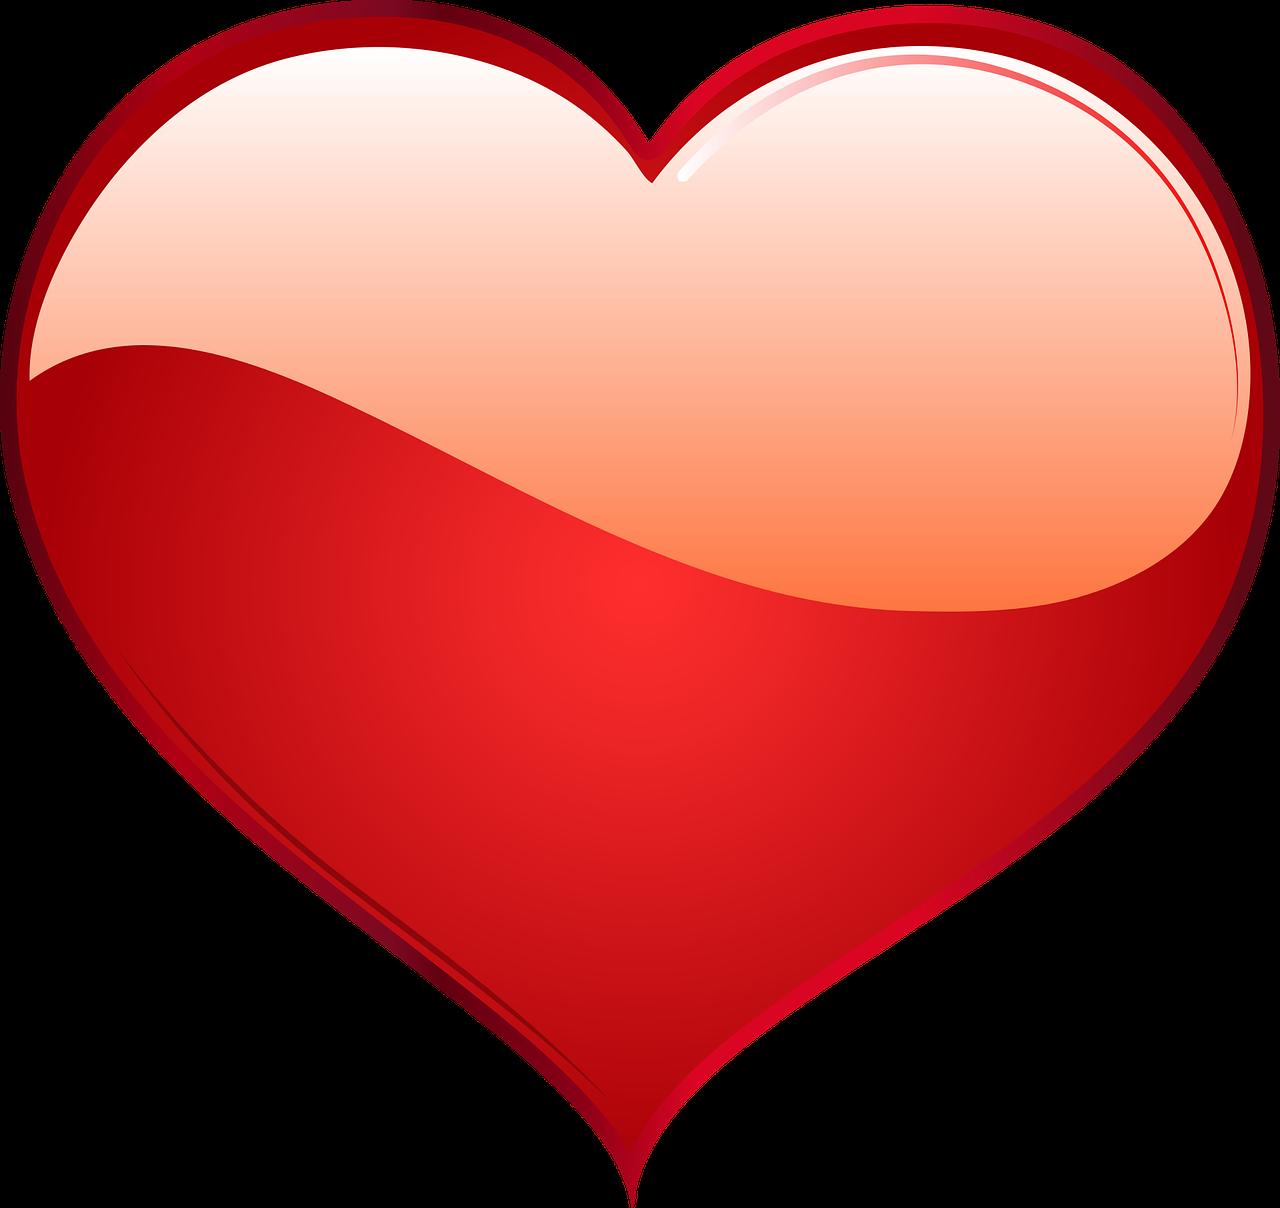 Imagen gratis en Pixabay - Corazón, El Amor, Pasión, Rojo (com ...